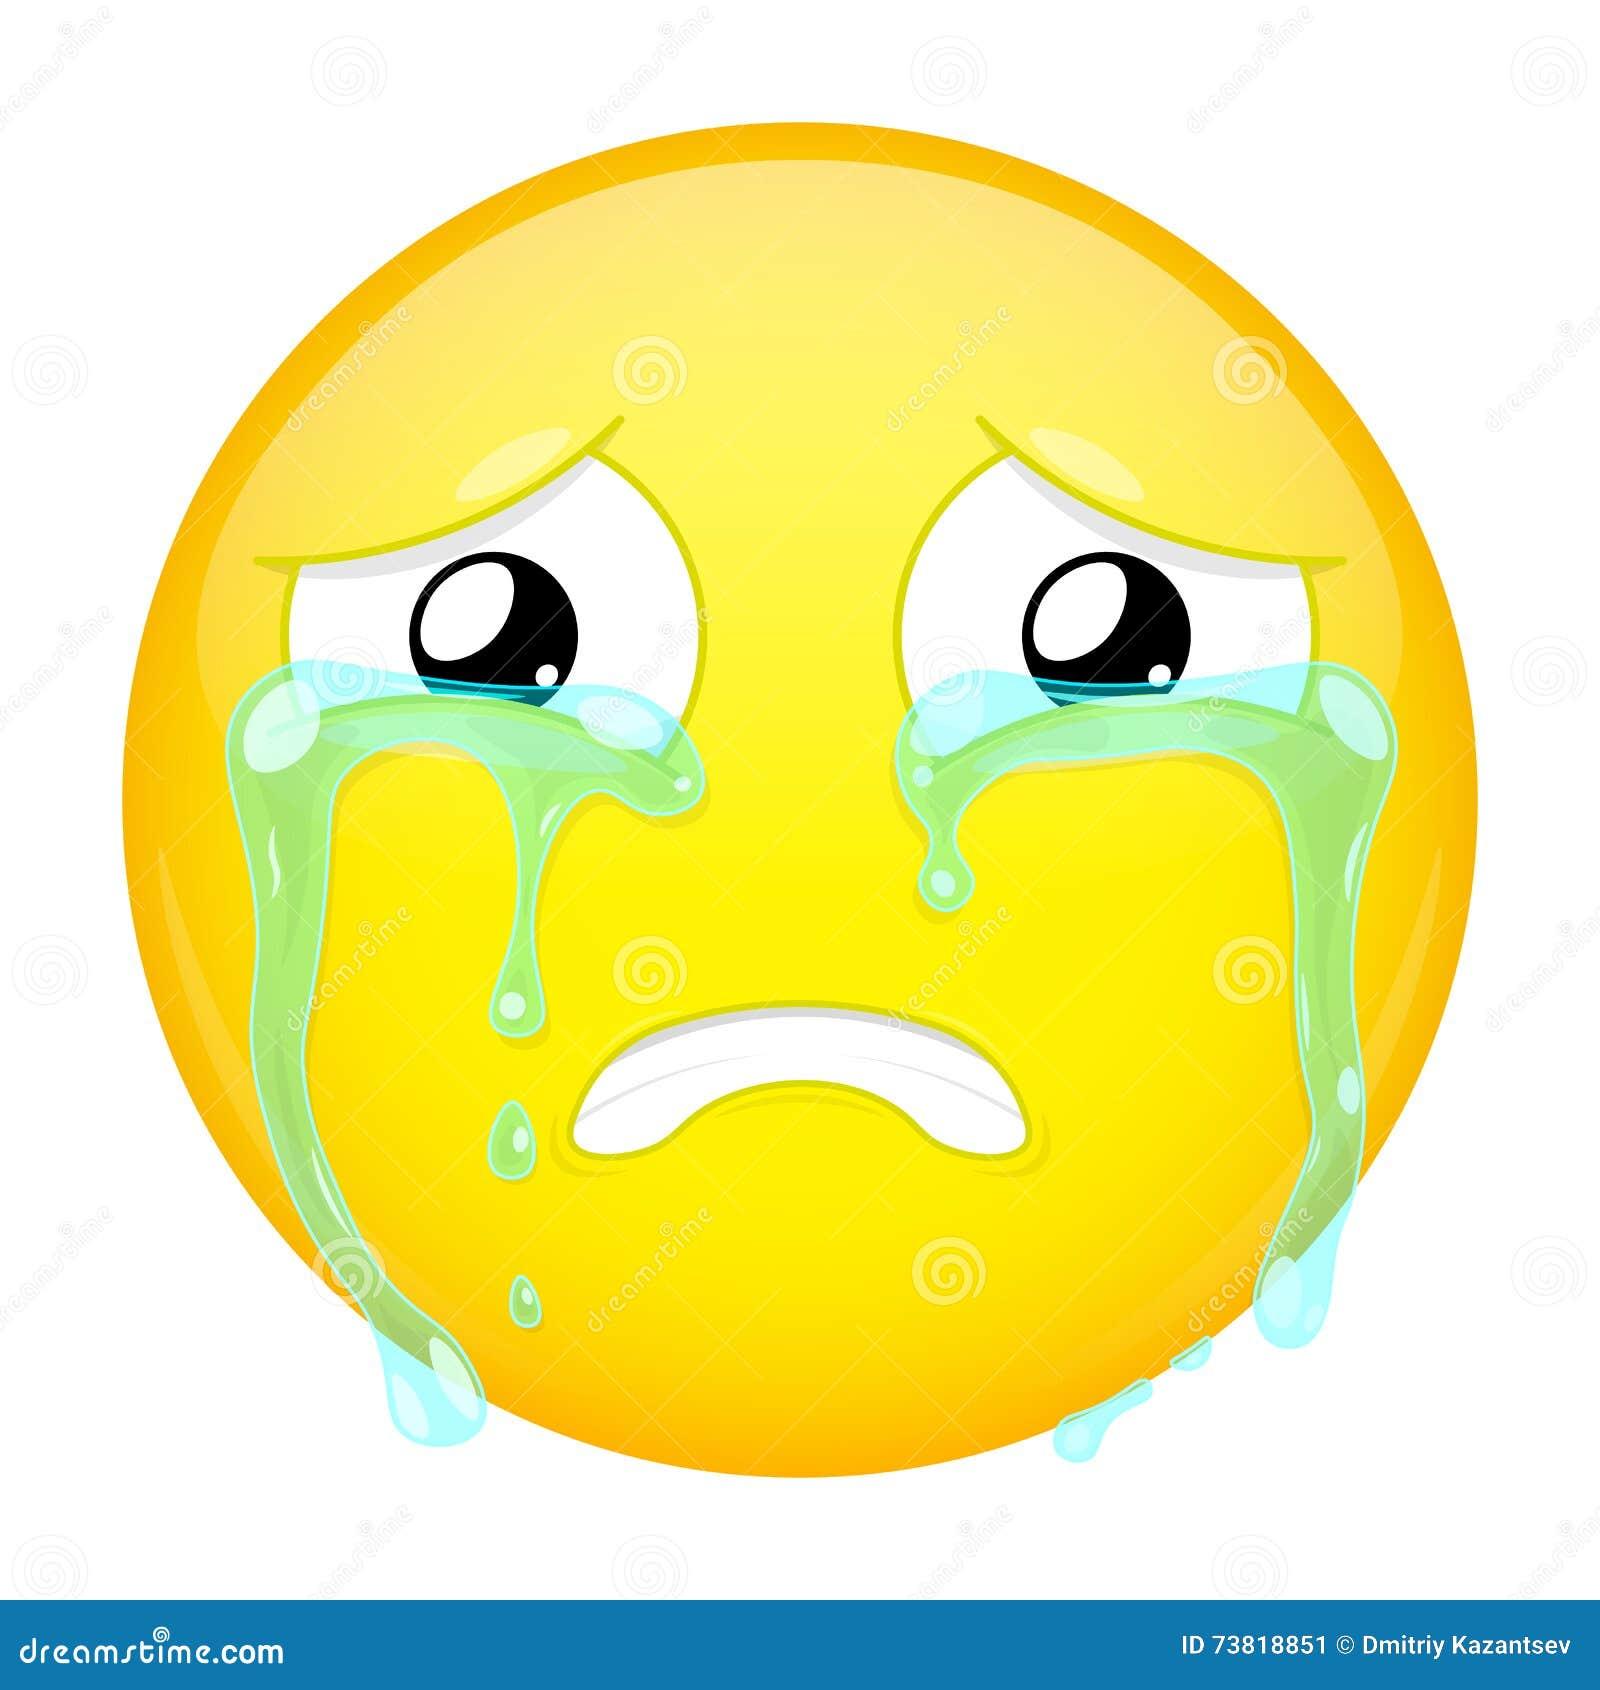 weinender emoji